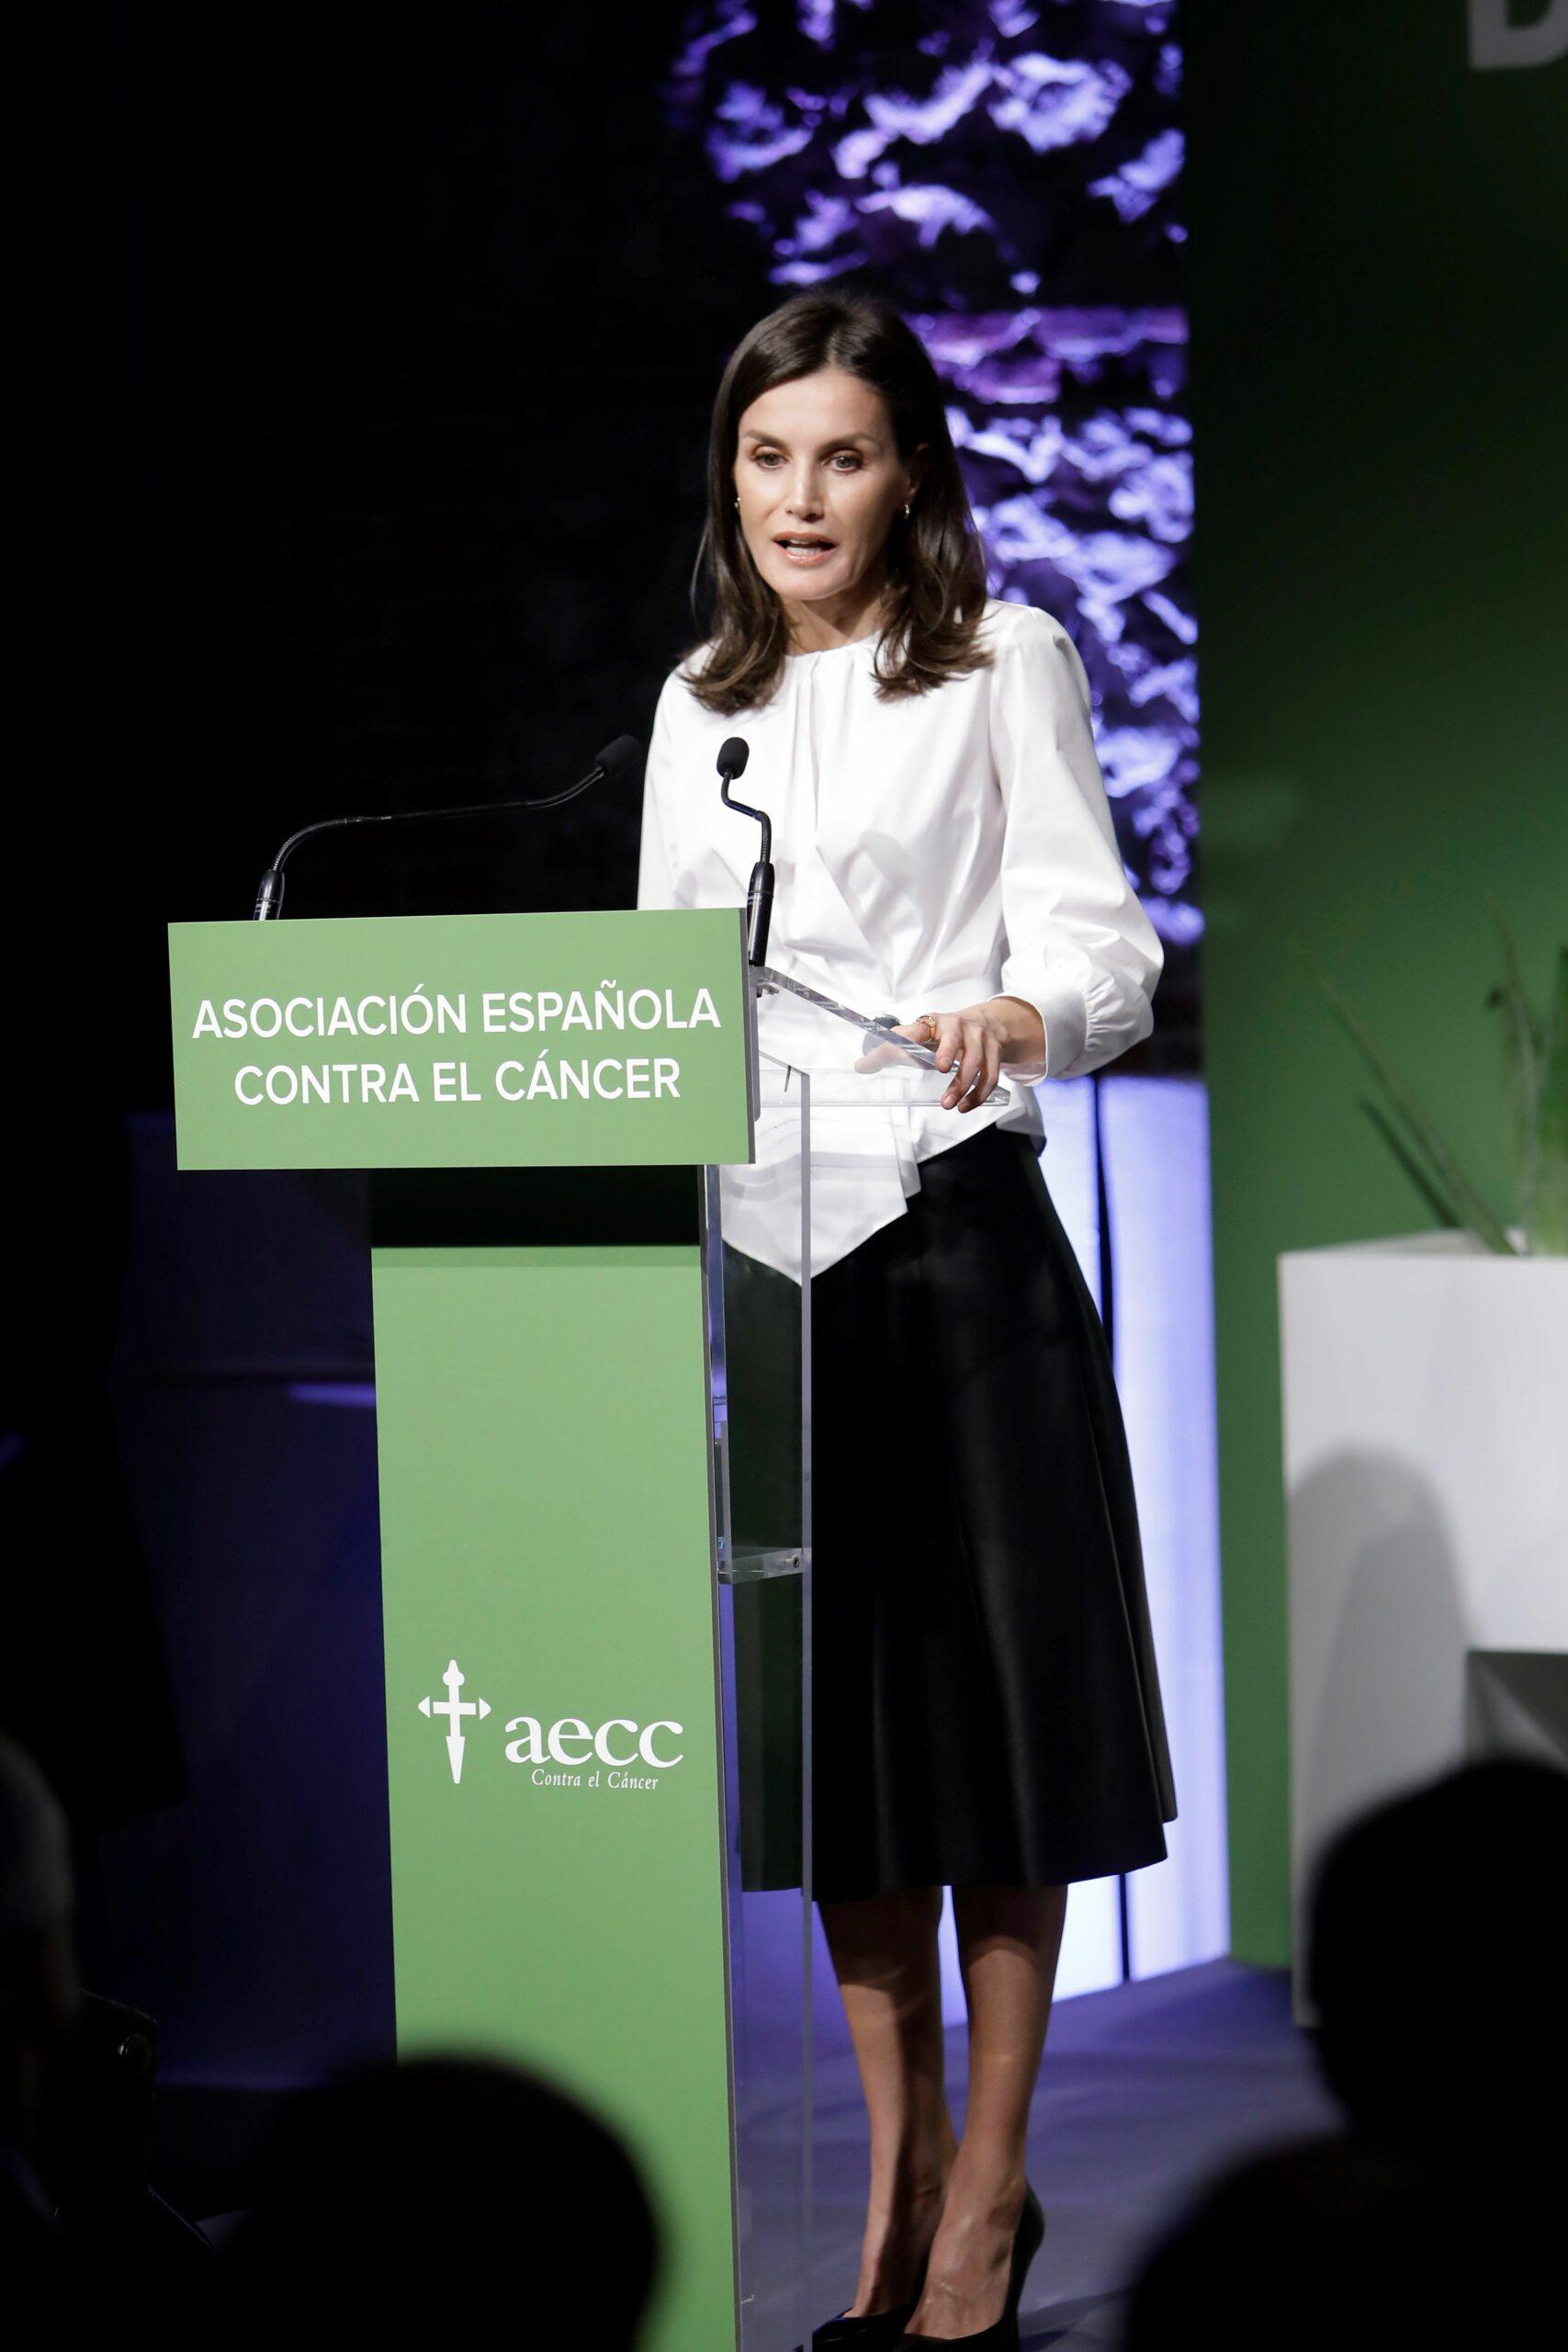 Discurs de la reina Letícia durant un fòrum contra el càncer   Europa Press